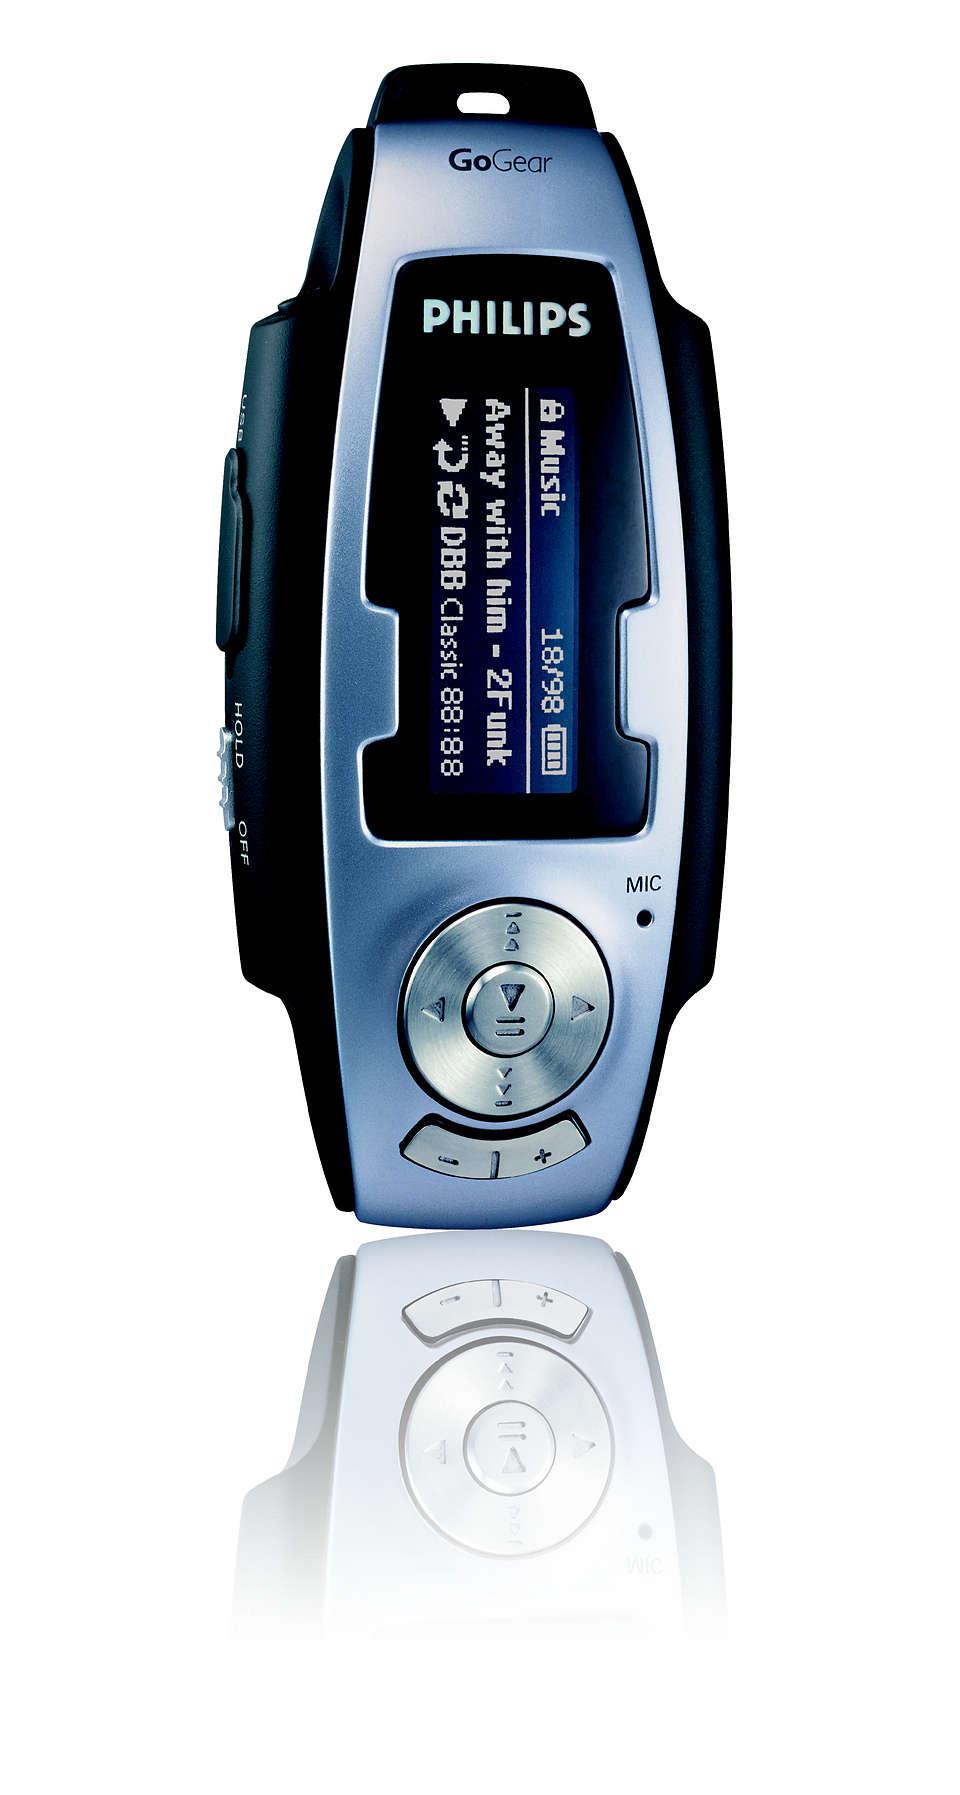 Wszystko czego trzeba, aby cieszyć się muzyką MP3 i WMA w podróży